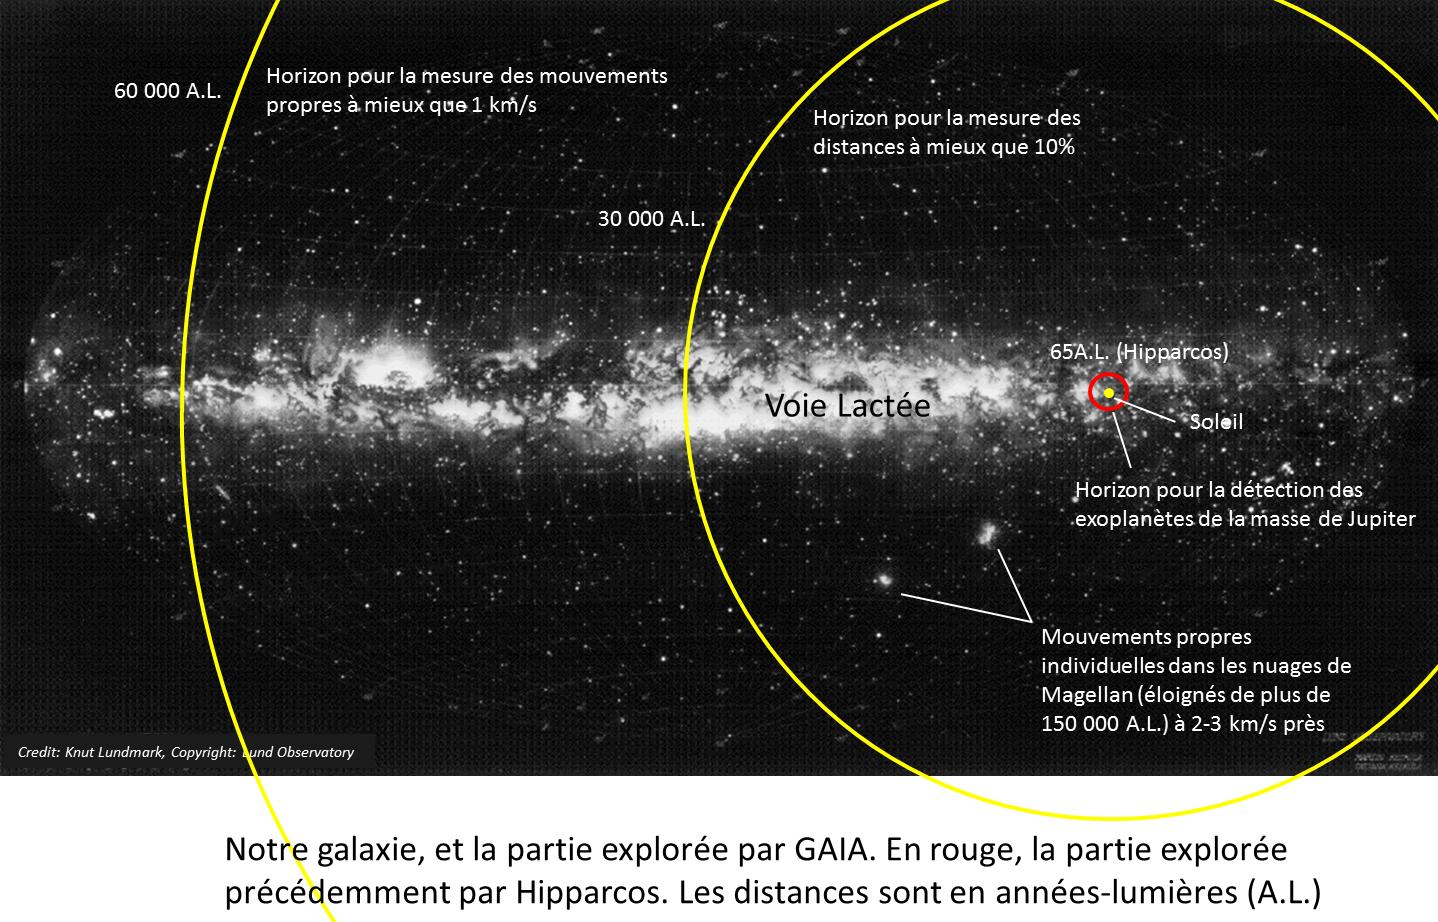 La galaxie explorée par GAIA